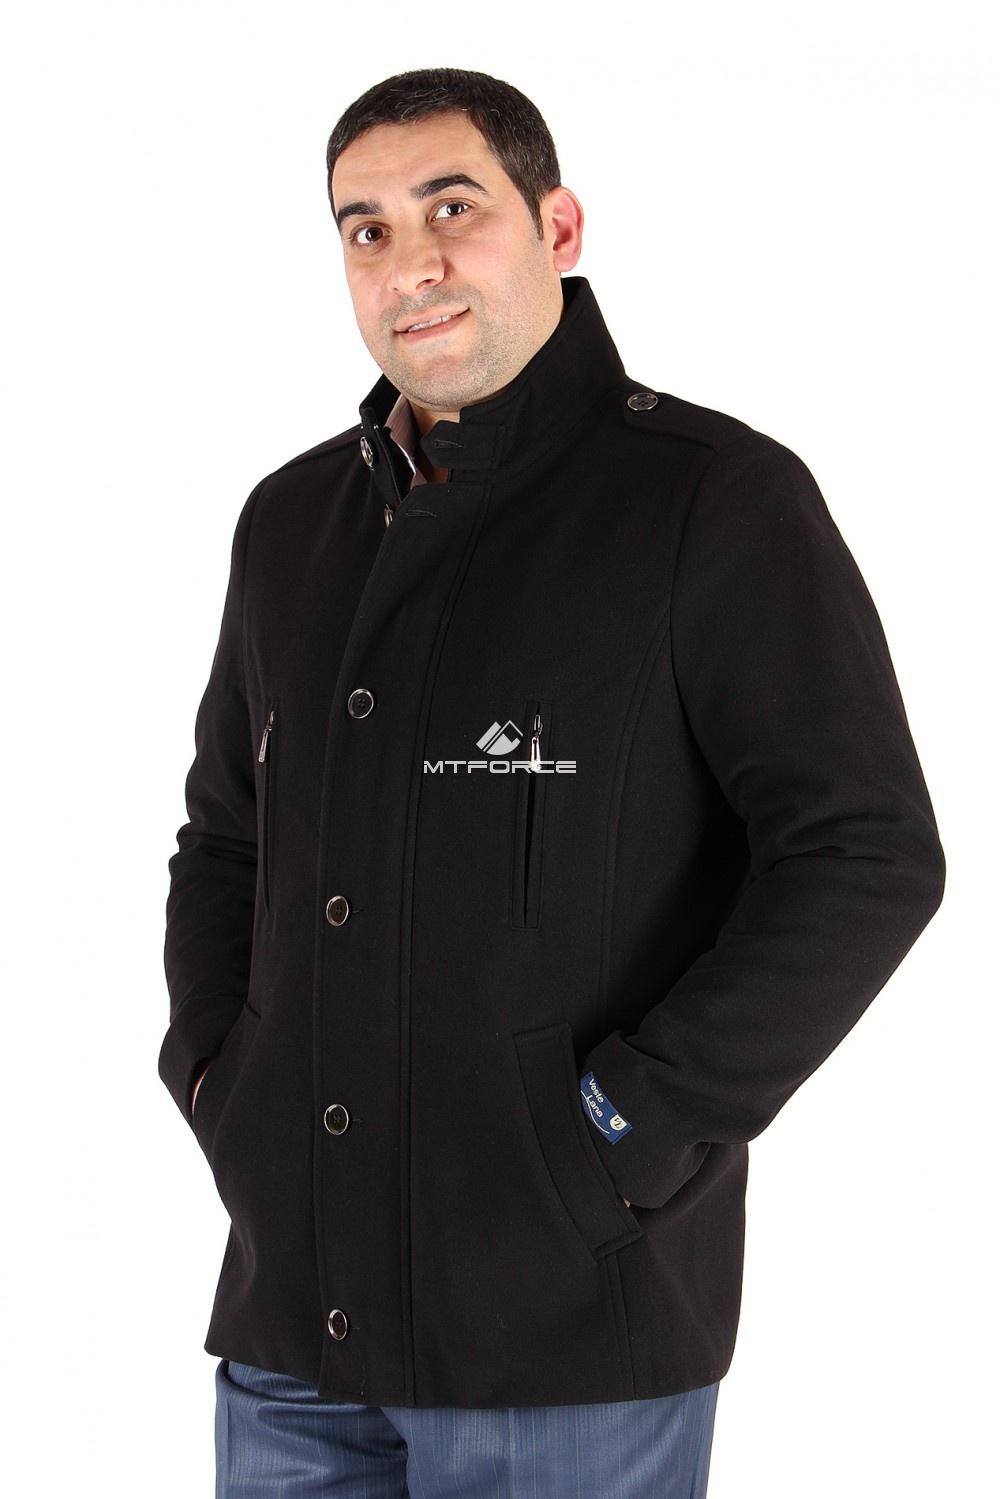 Купить                                  оптом Полупальто мужское черного цвета Кс-24Ch в Санкт-Петербурге